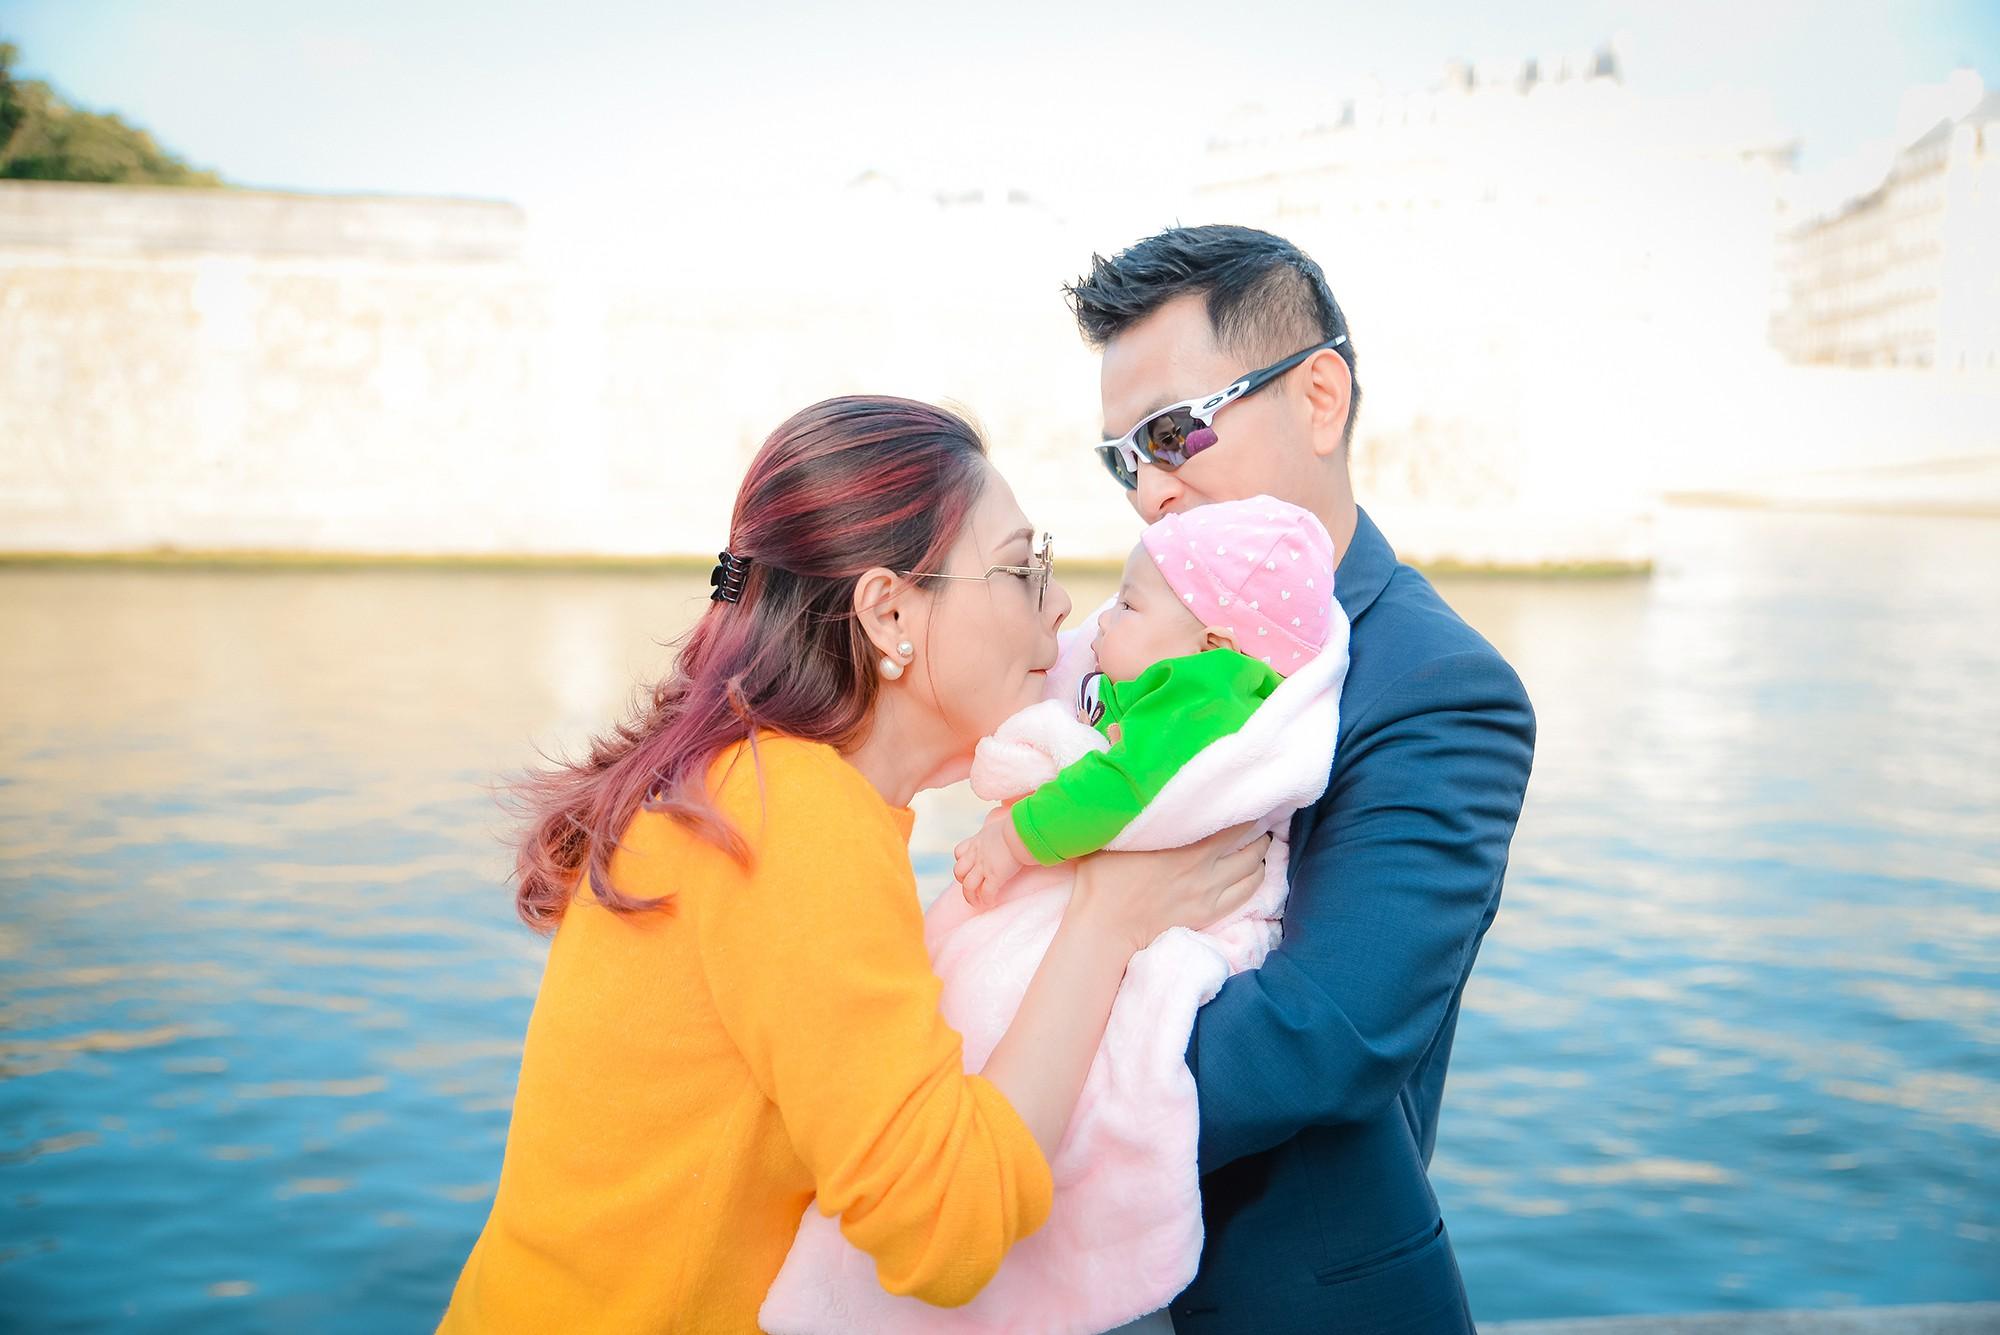 Thanh Thảo và ông xã đưa con gái chỉ mới 3 tháng tuổi đi du lịch châu Âu - Ảnh 11.